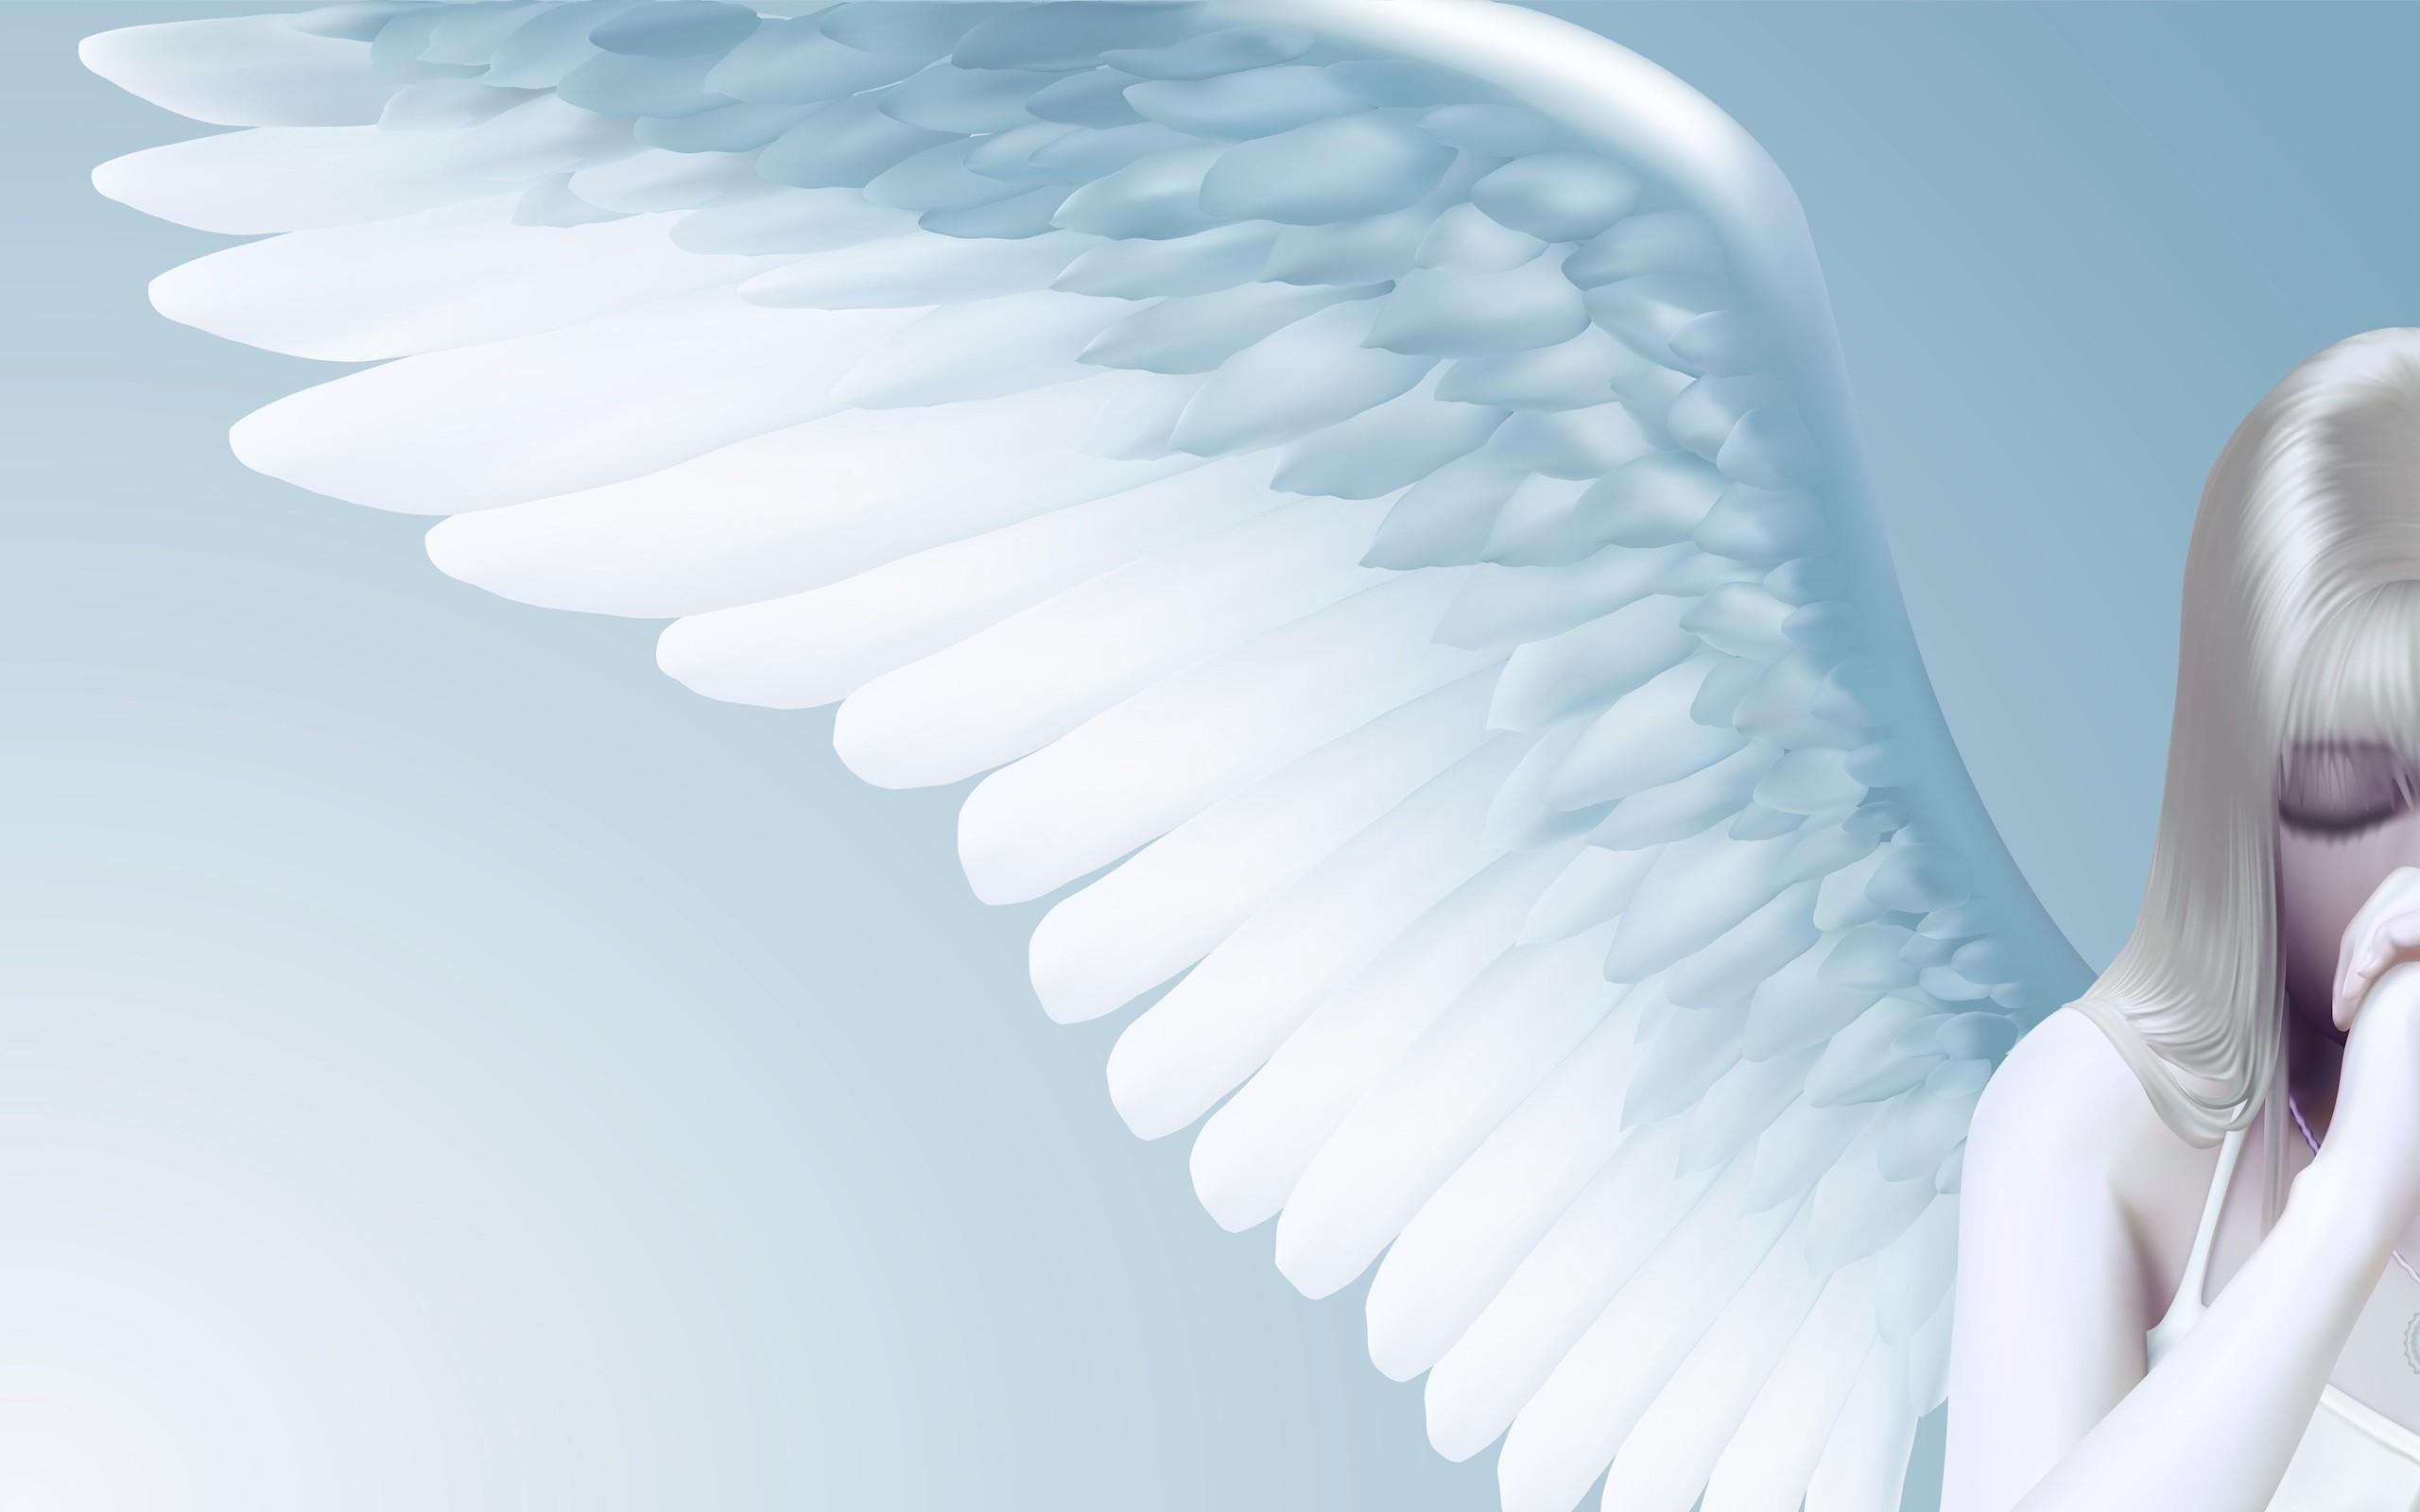 Лампочка крылья вверх  № 3526329  скачать